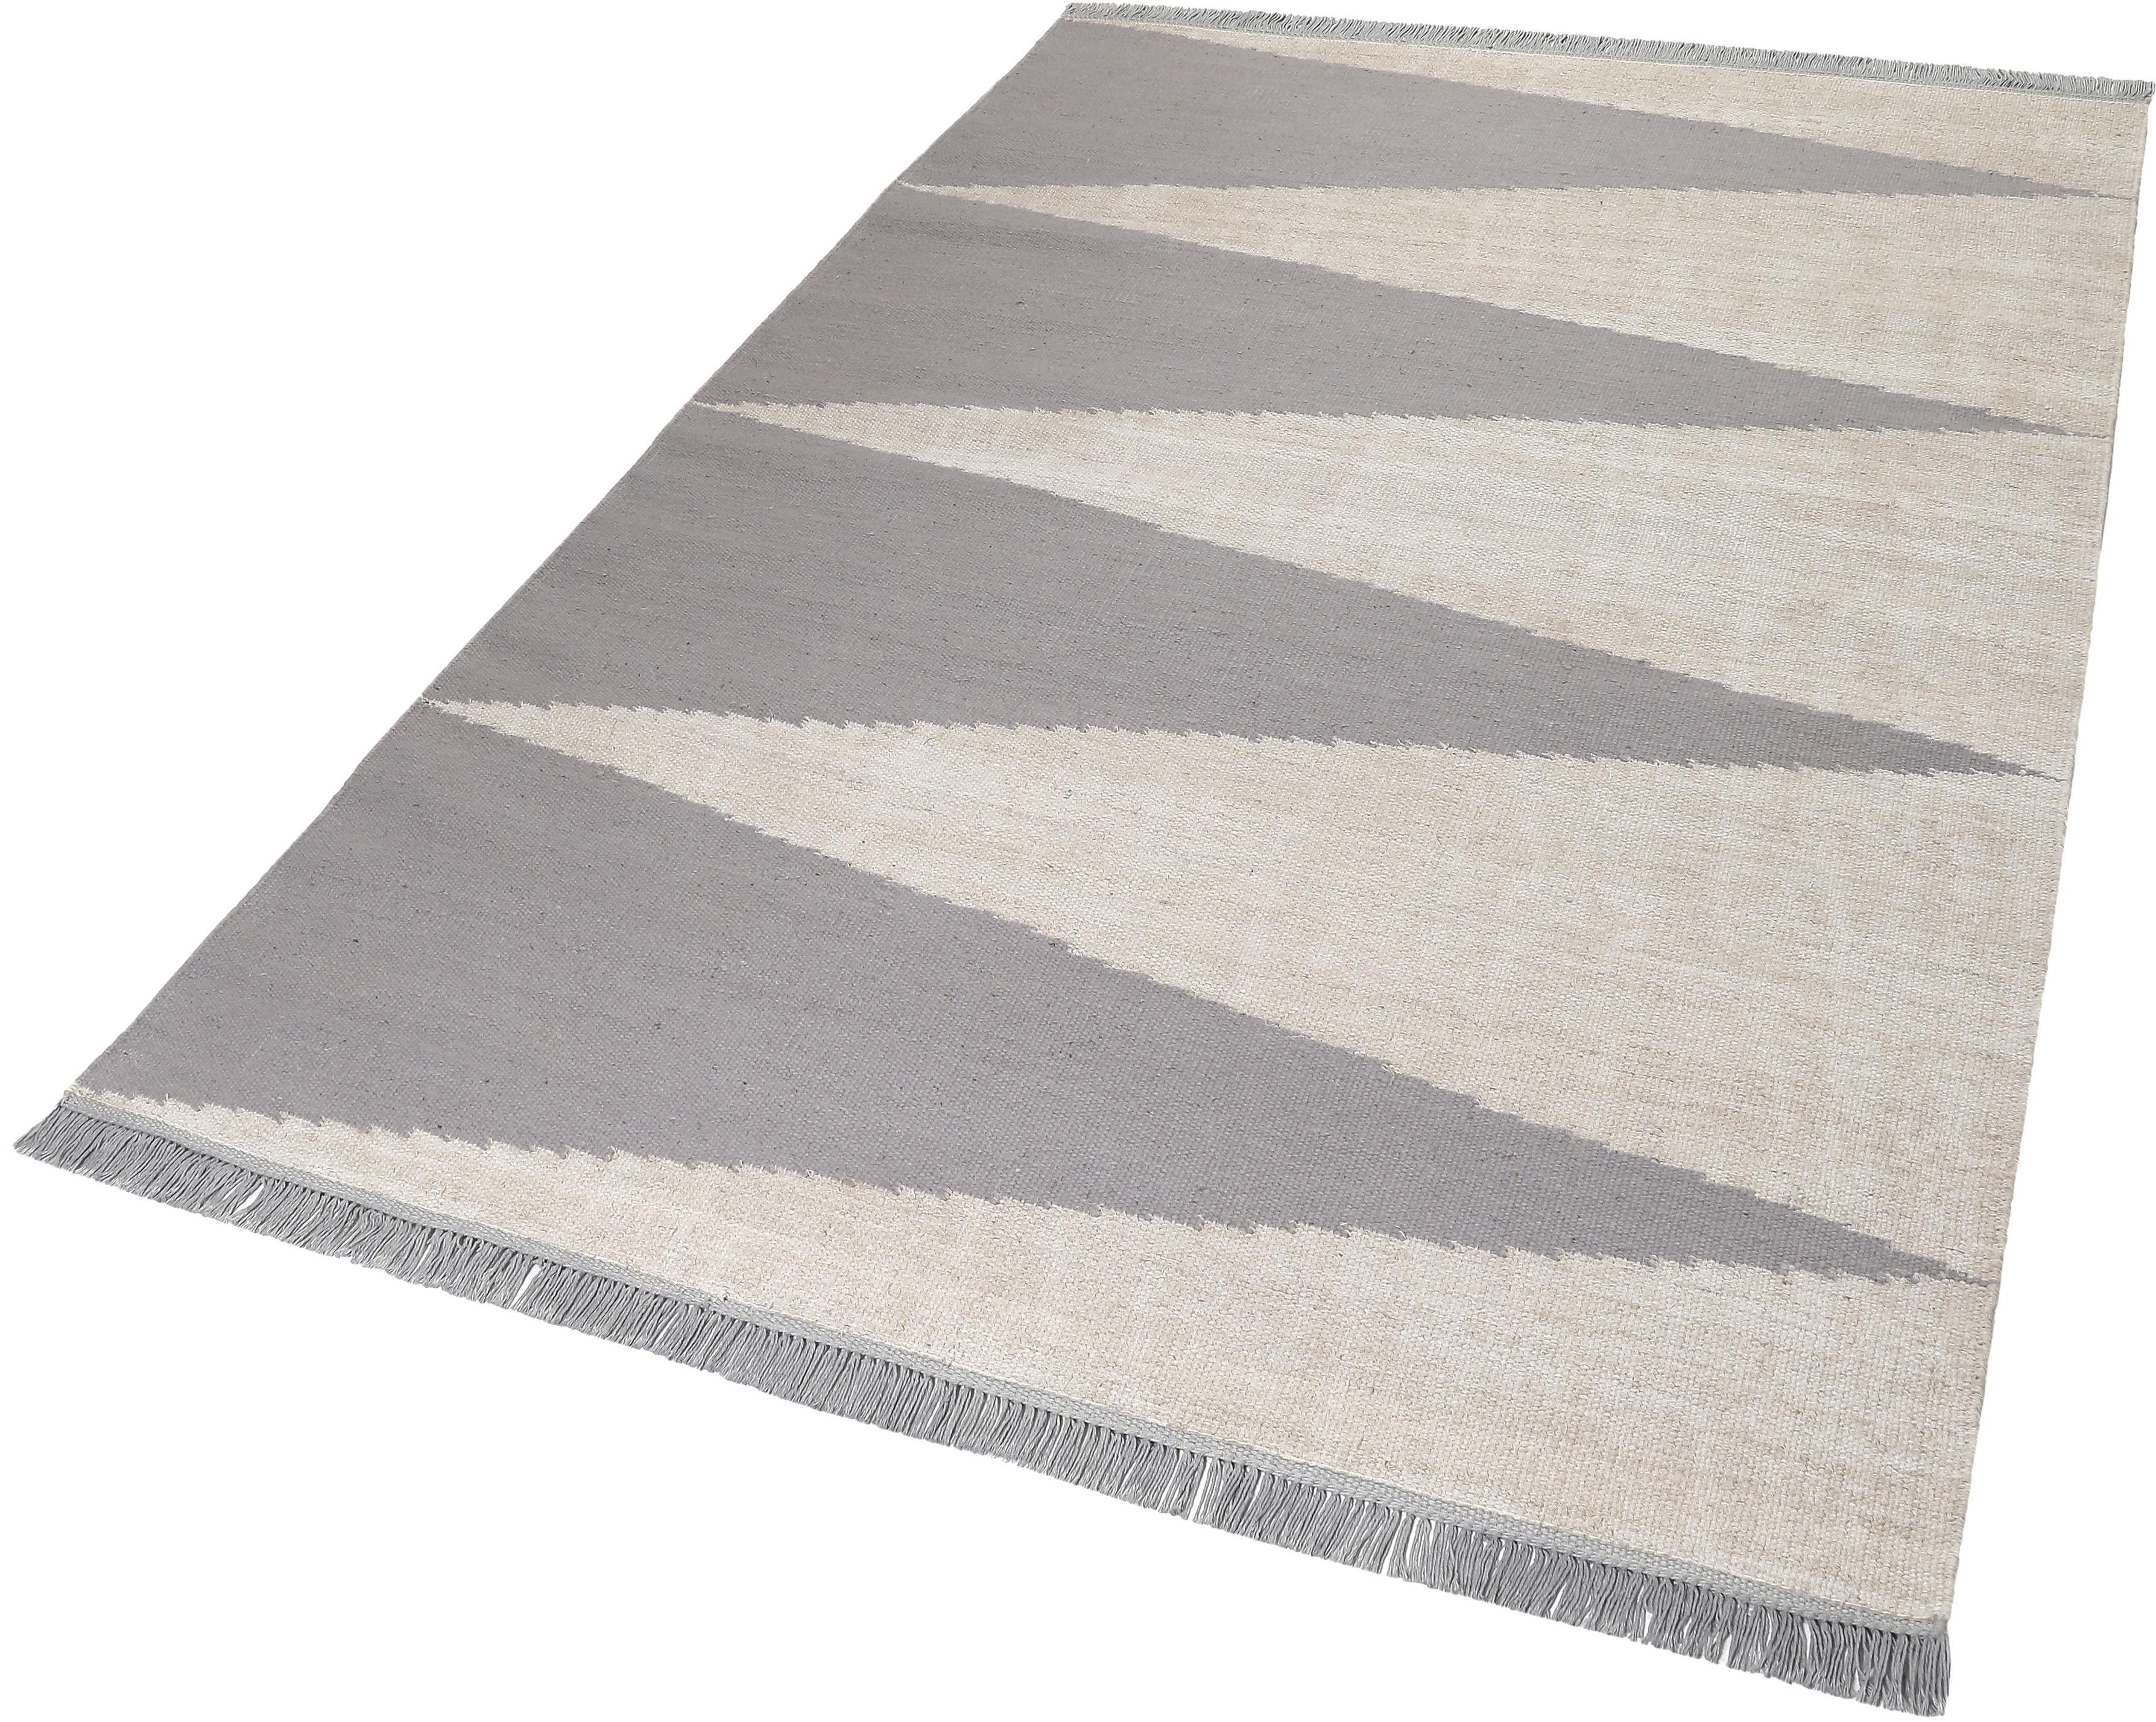 Teppich Smart Triangle carpets&co rechteckig Höhe 5 mm handgewebt